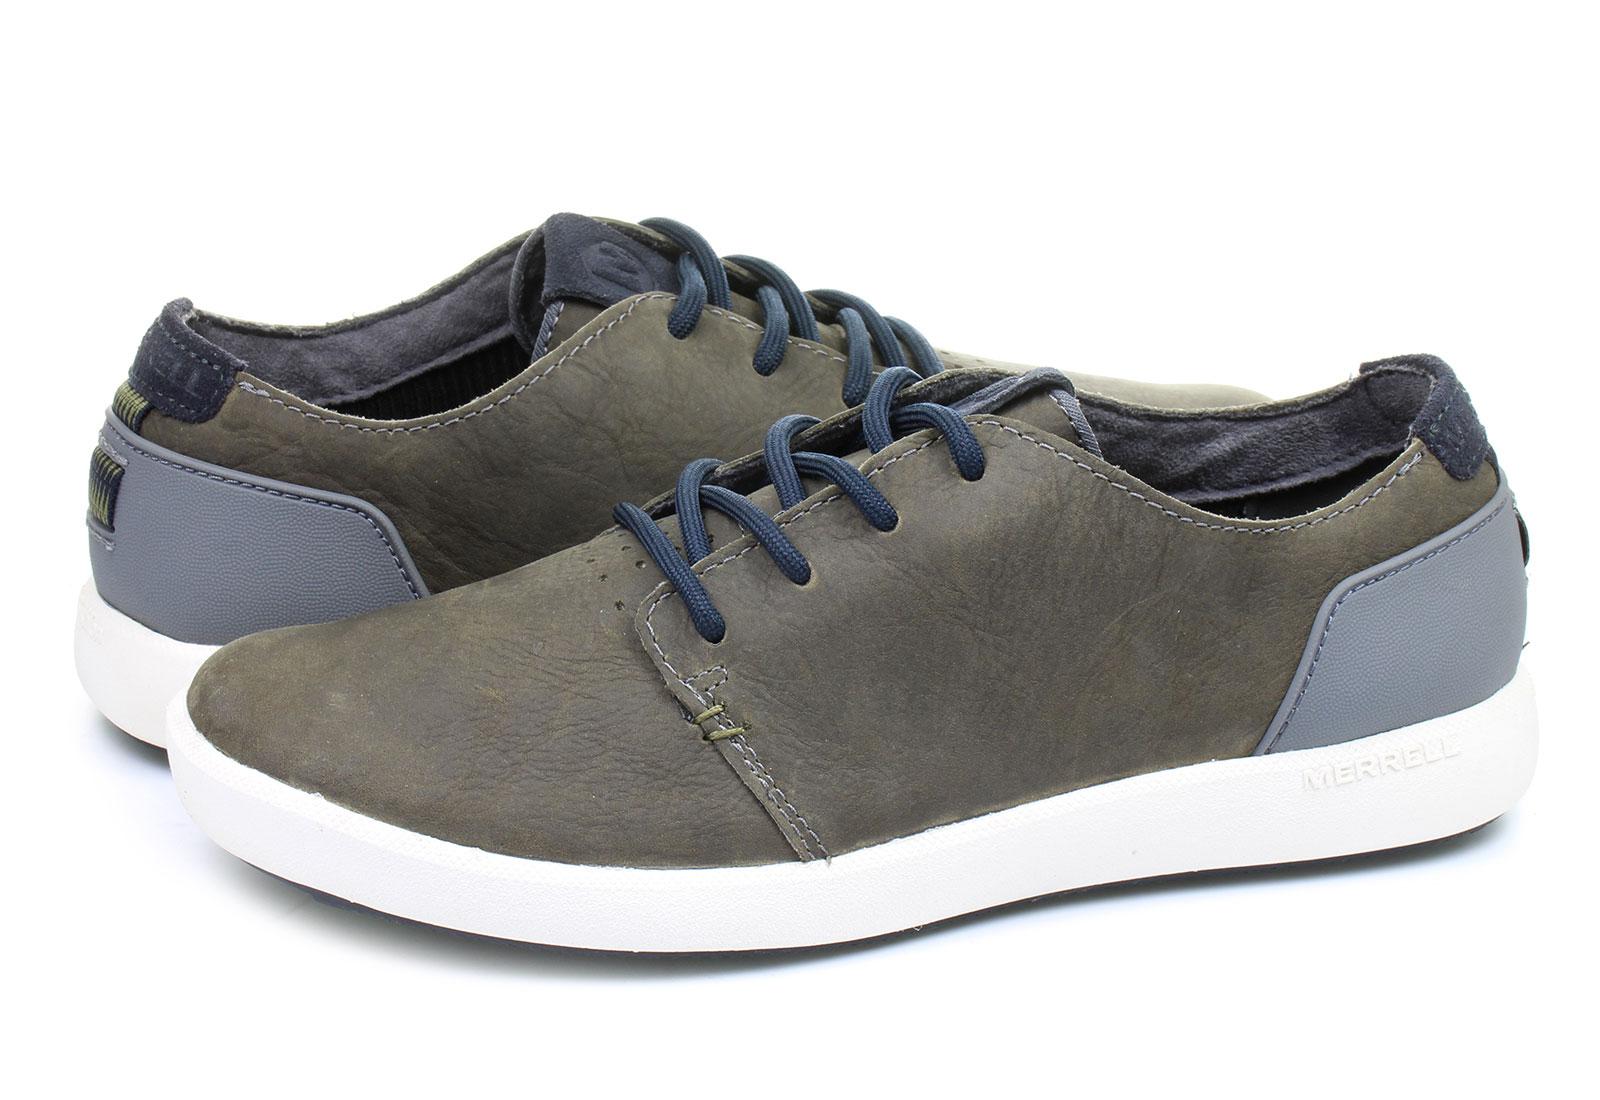 c9d7d89872 Merrell Cipő - Freewheel Lace - J21881-gry - Office Shoes Magyarország